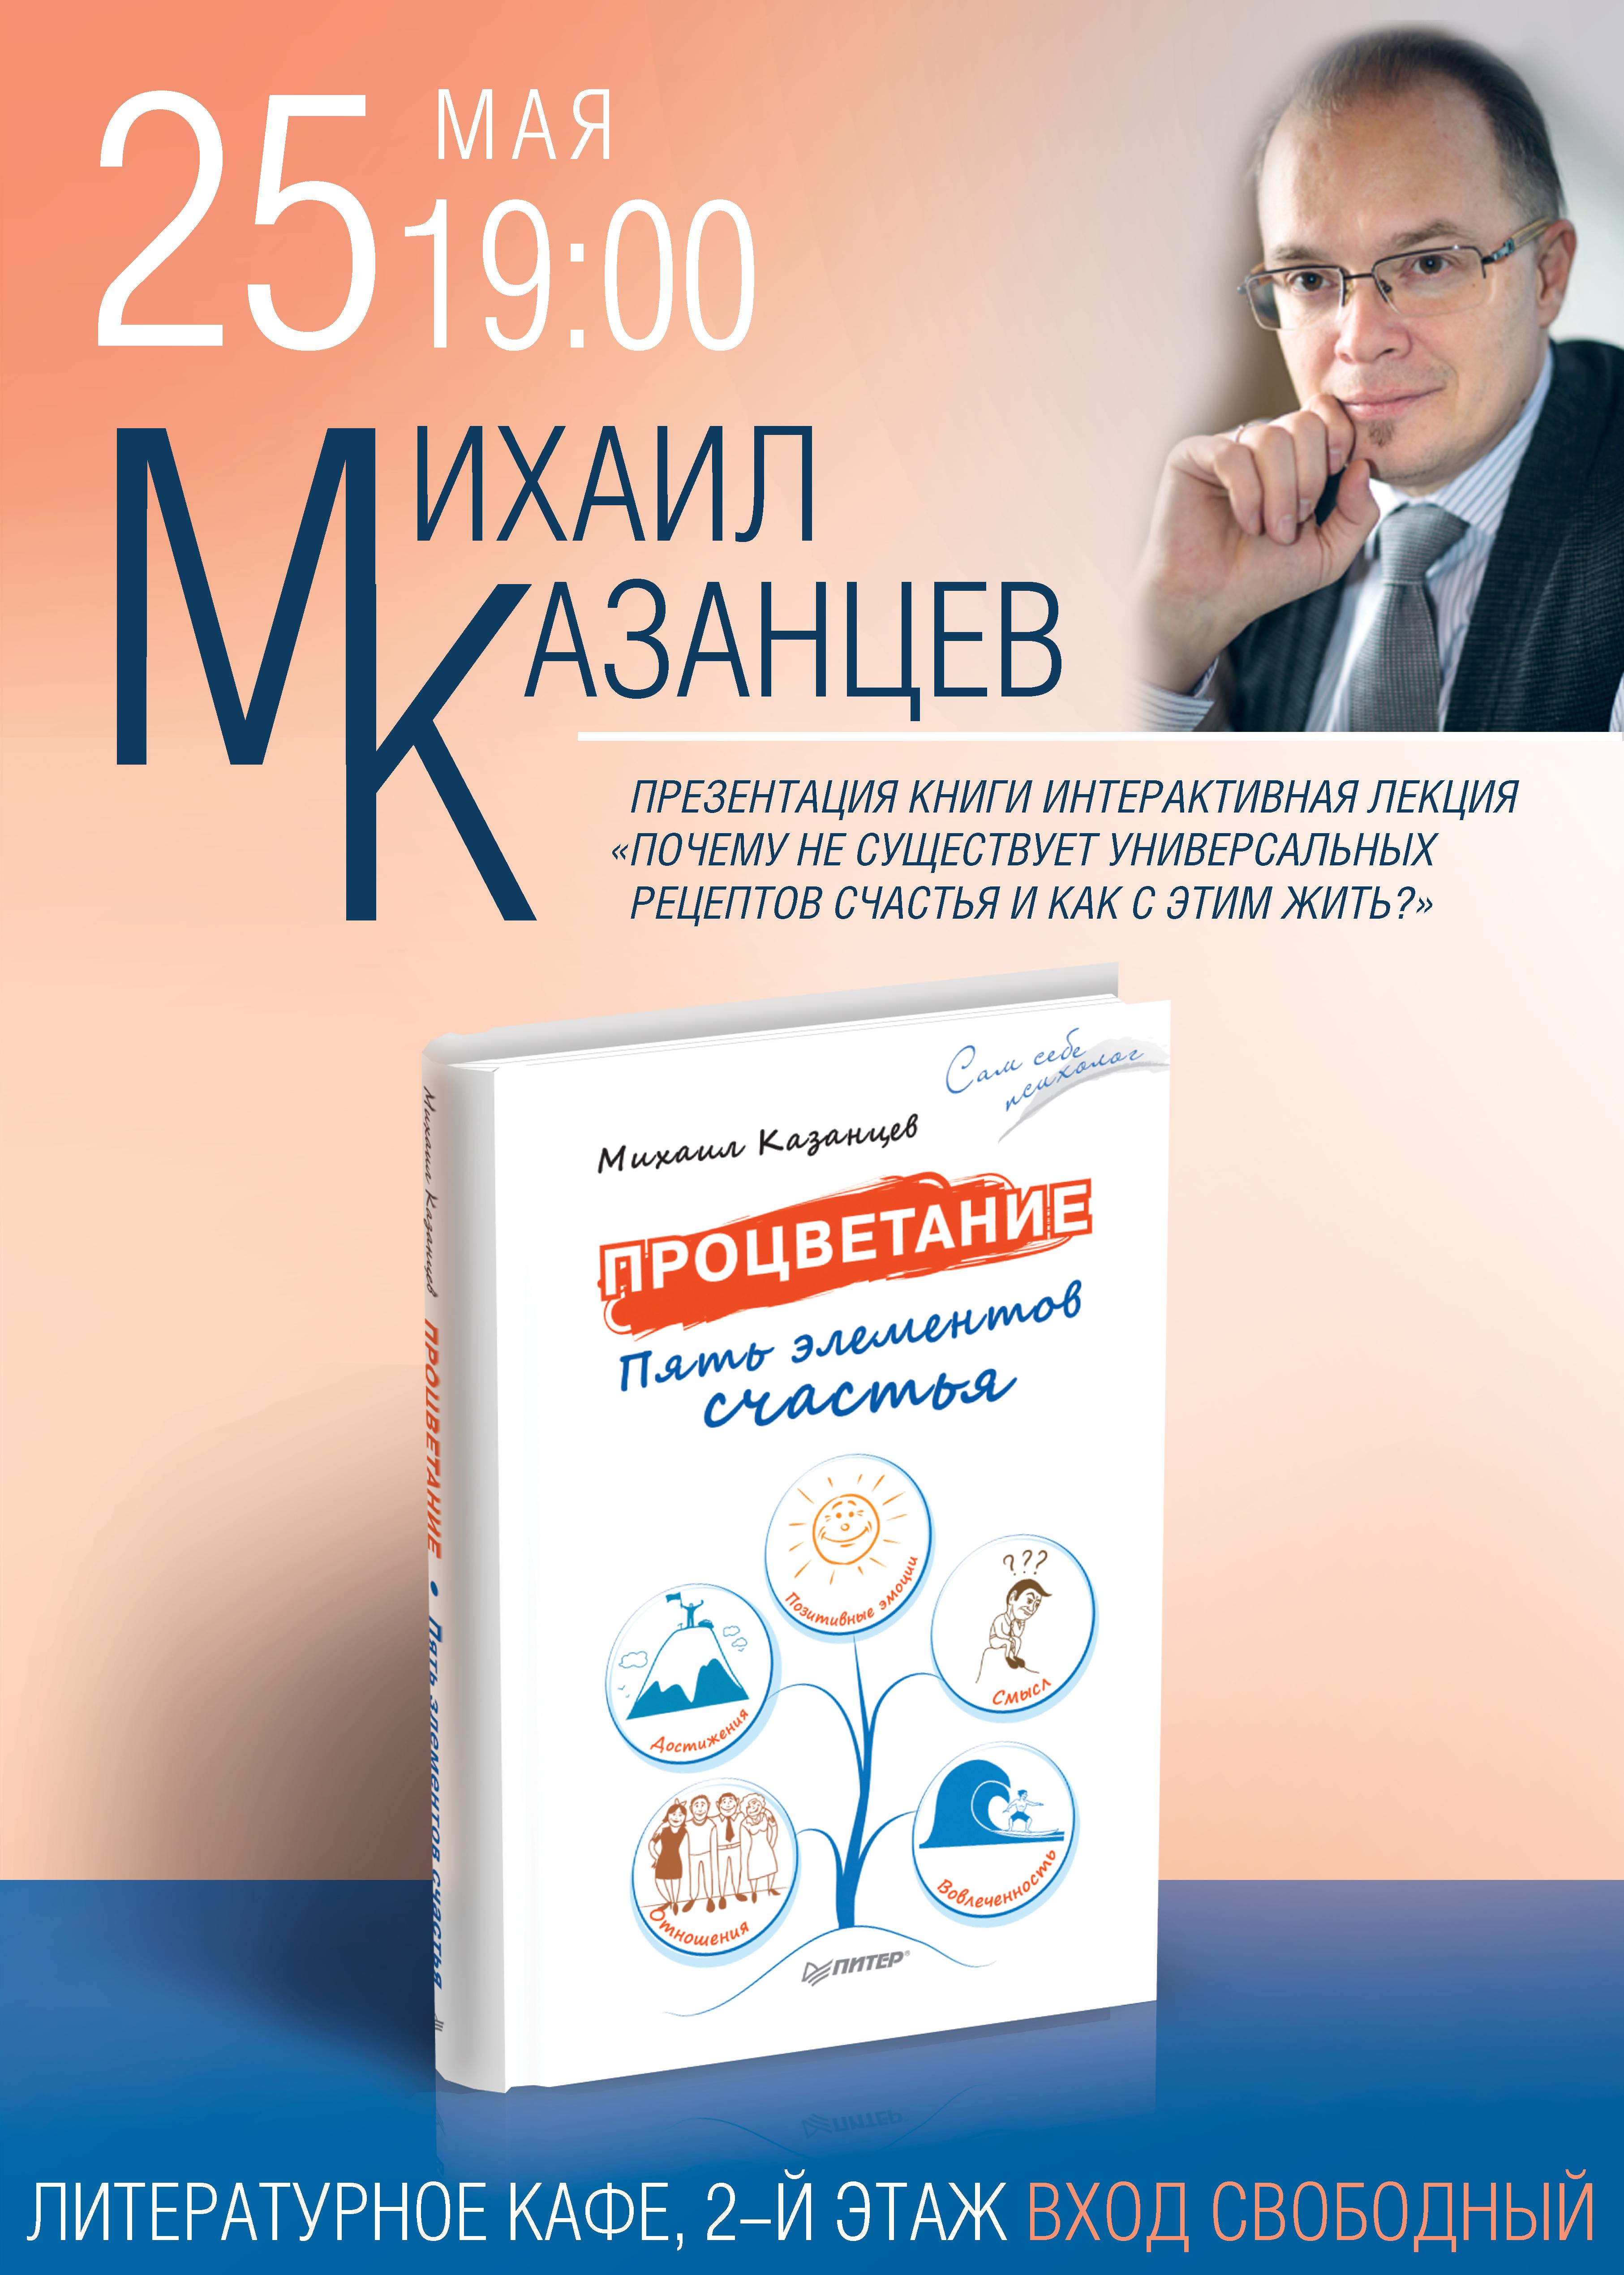 25 мая в 19.00 Москва, МДК на Арбате, ул. Новый Арбат, 8